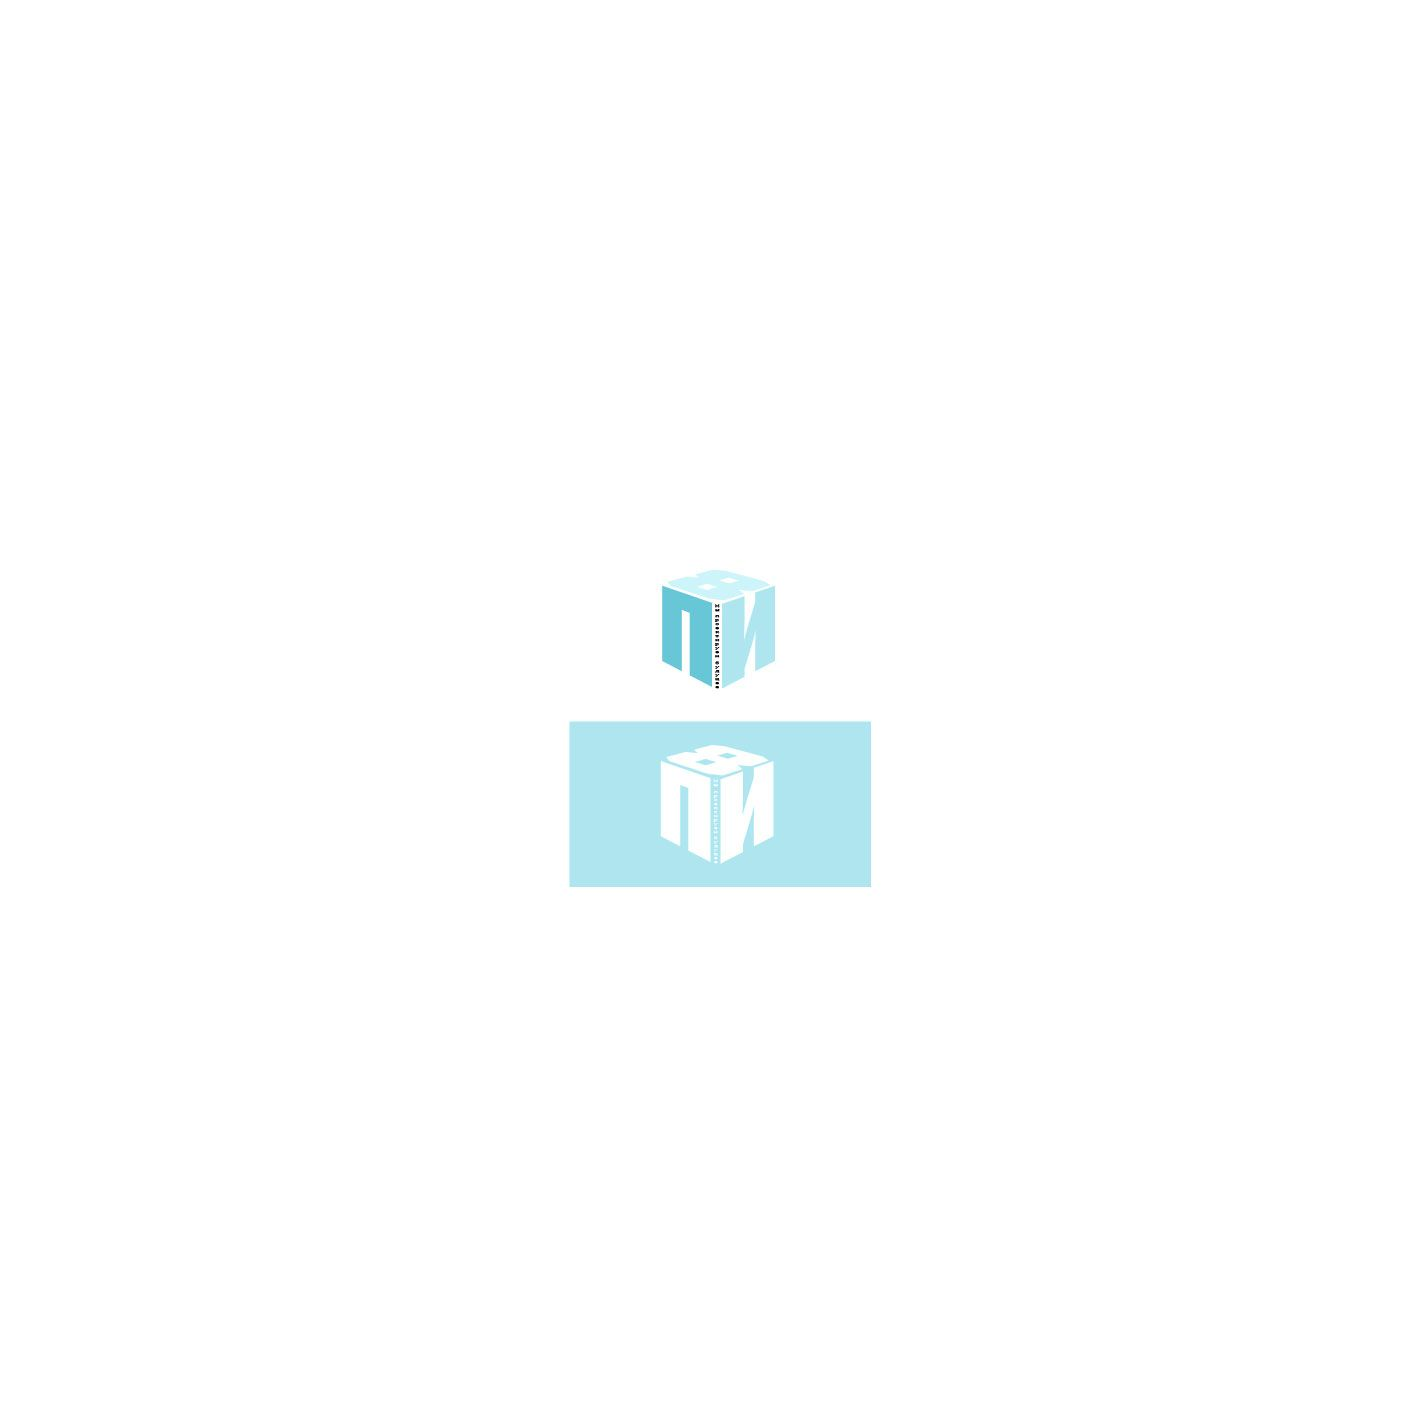 Фирменный стиль для Проектного института - 8 - дизайнер velo